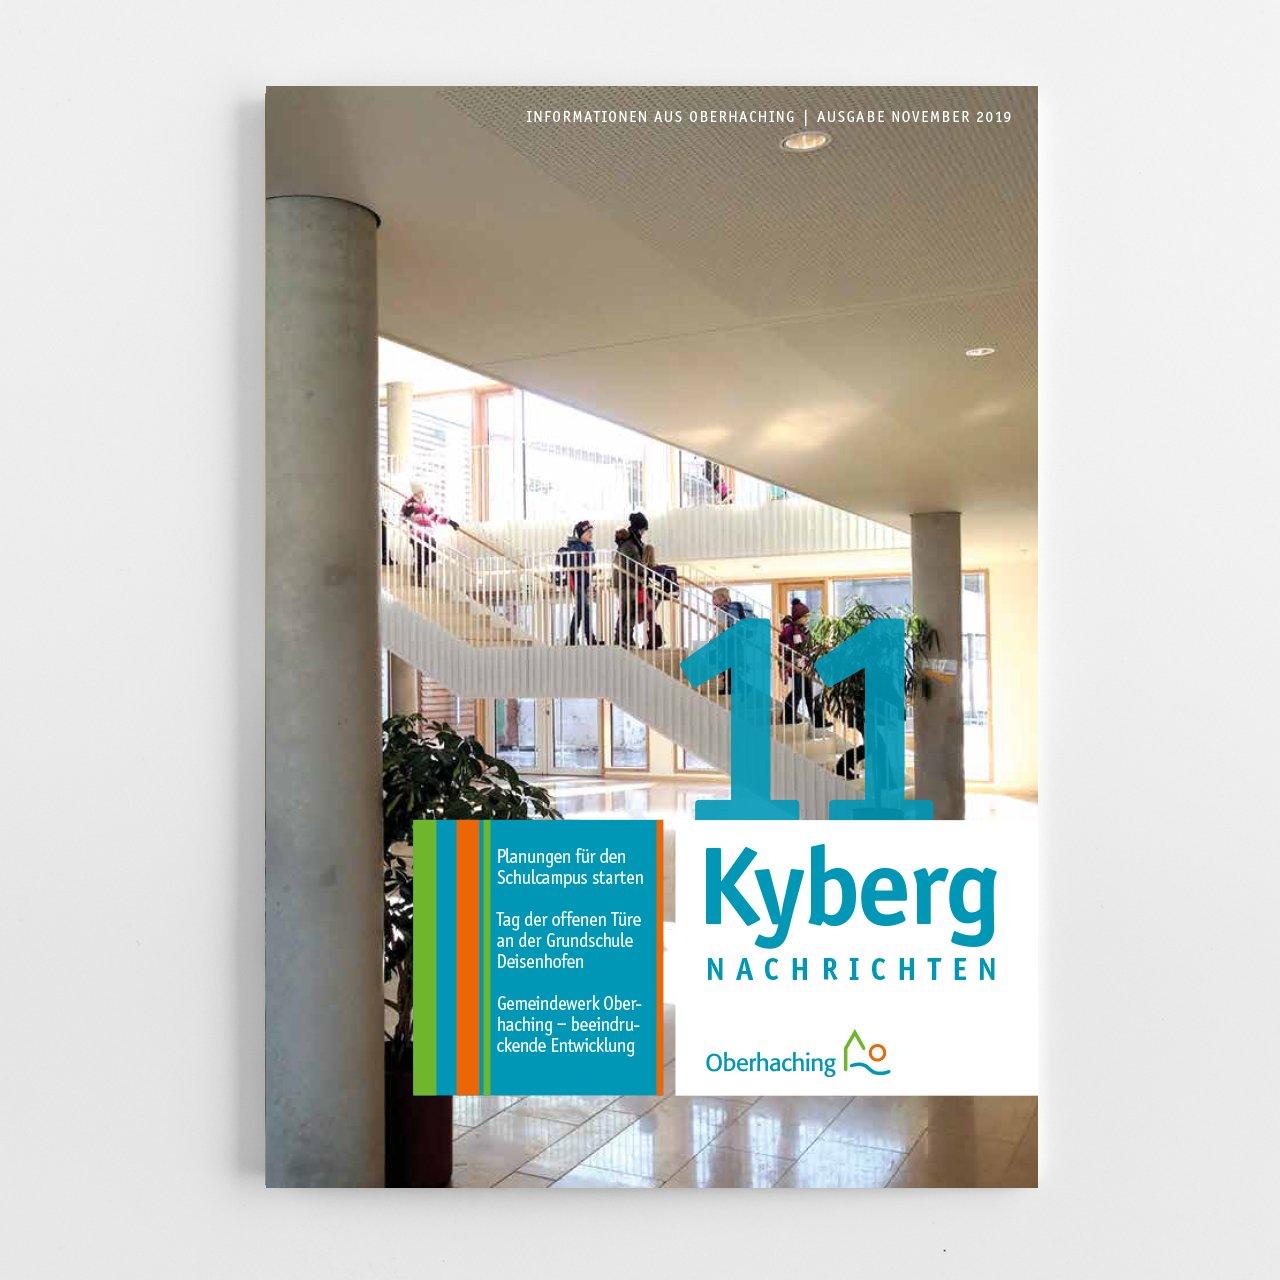 Kybergnachrichten_11/19